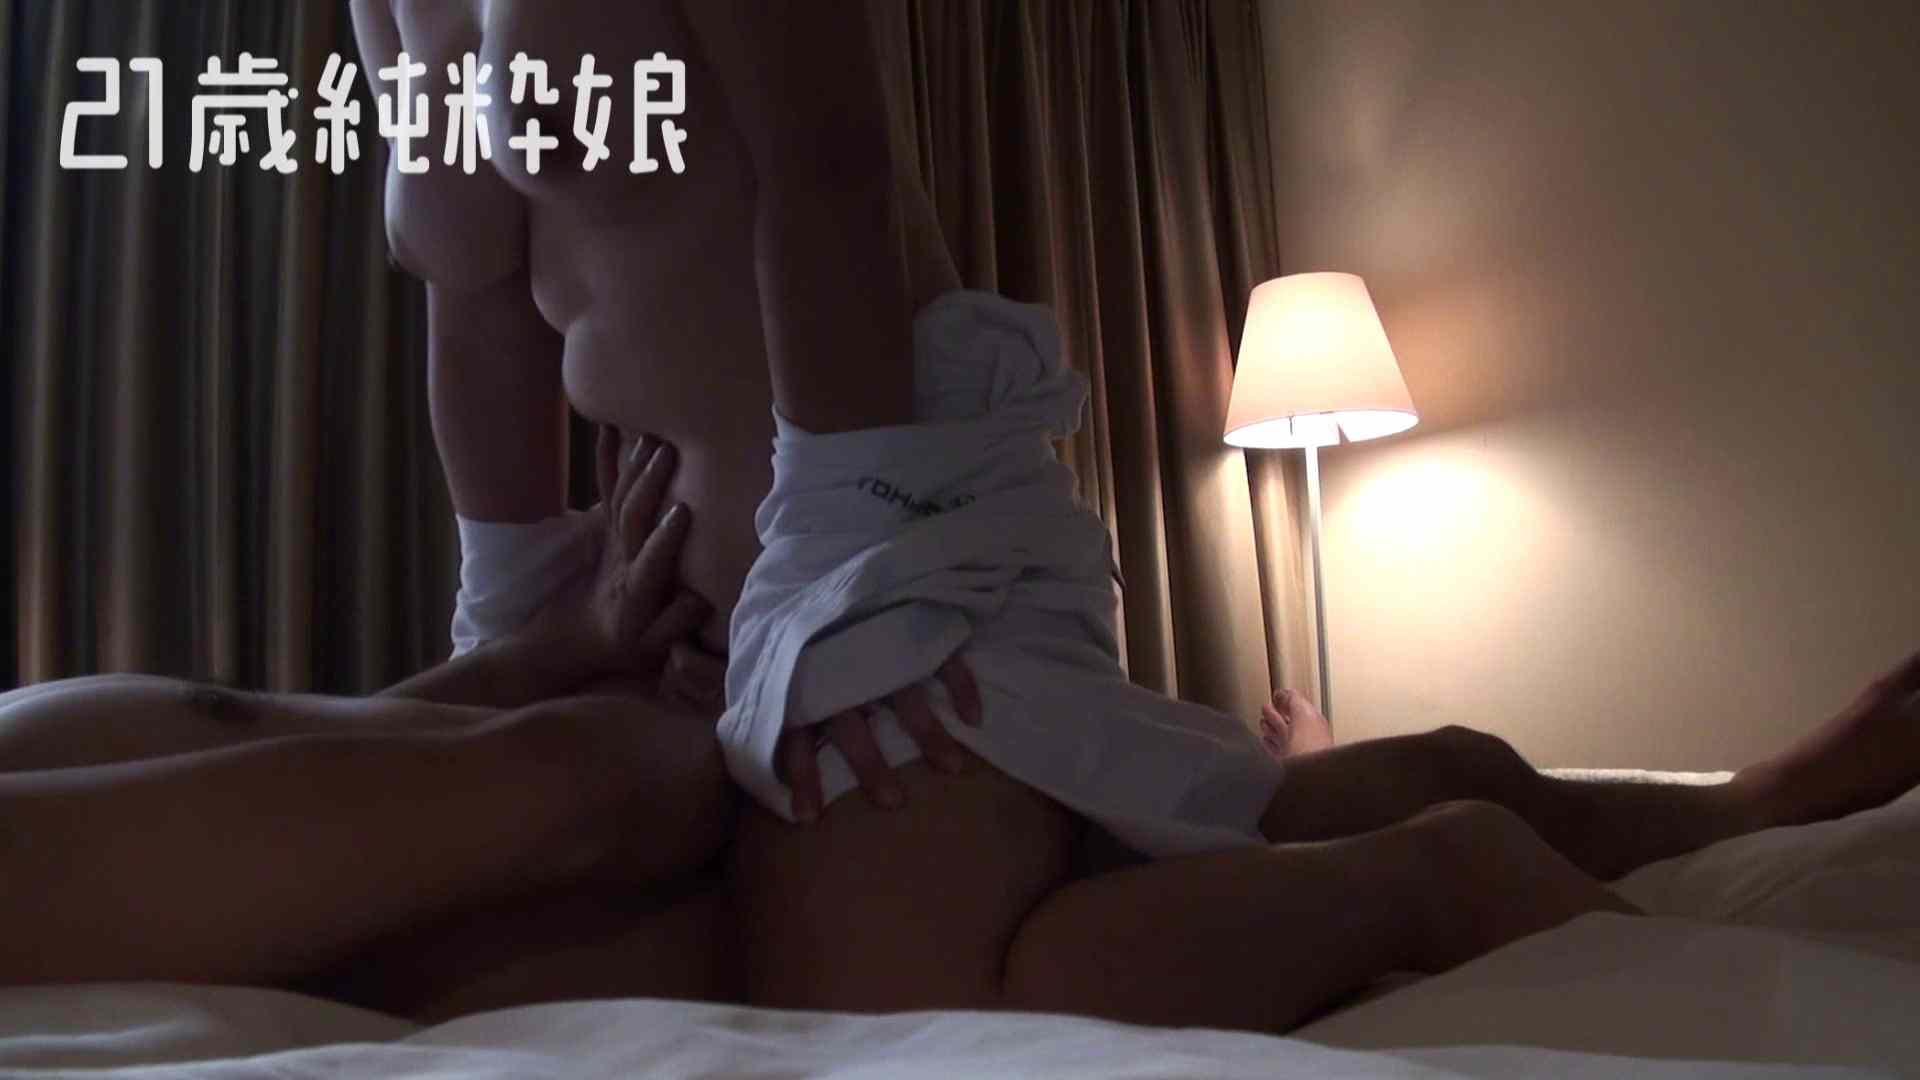 上京したばかりのGカップ21歳純粋嬢を都合の良い女にしてみた2 中出し えろ無修正画像 102pic 87